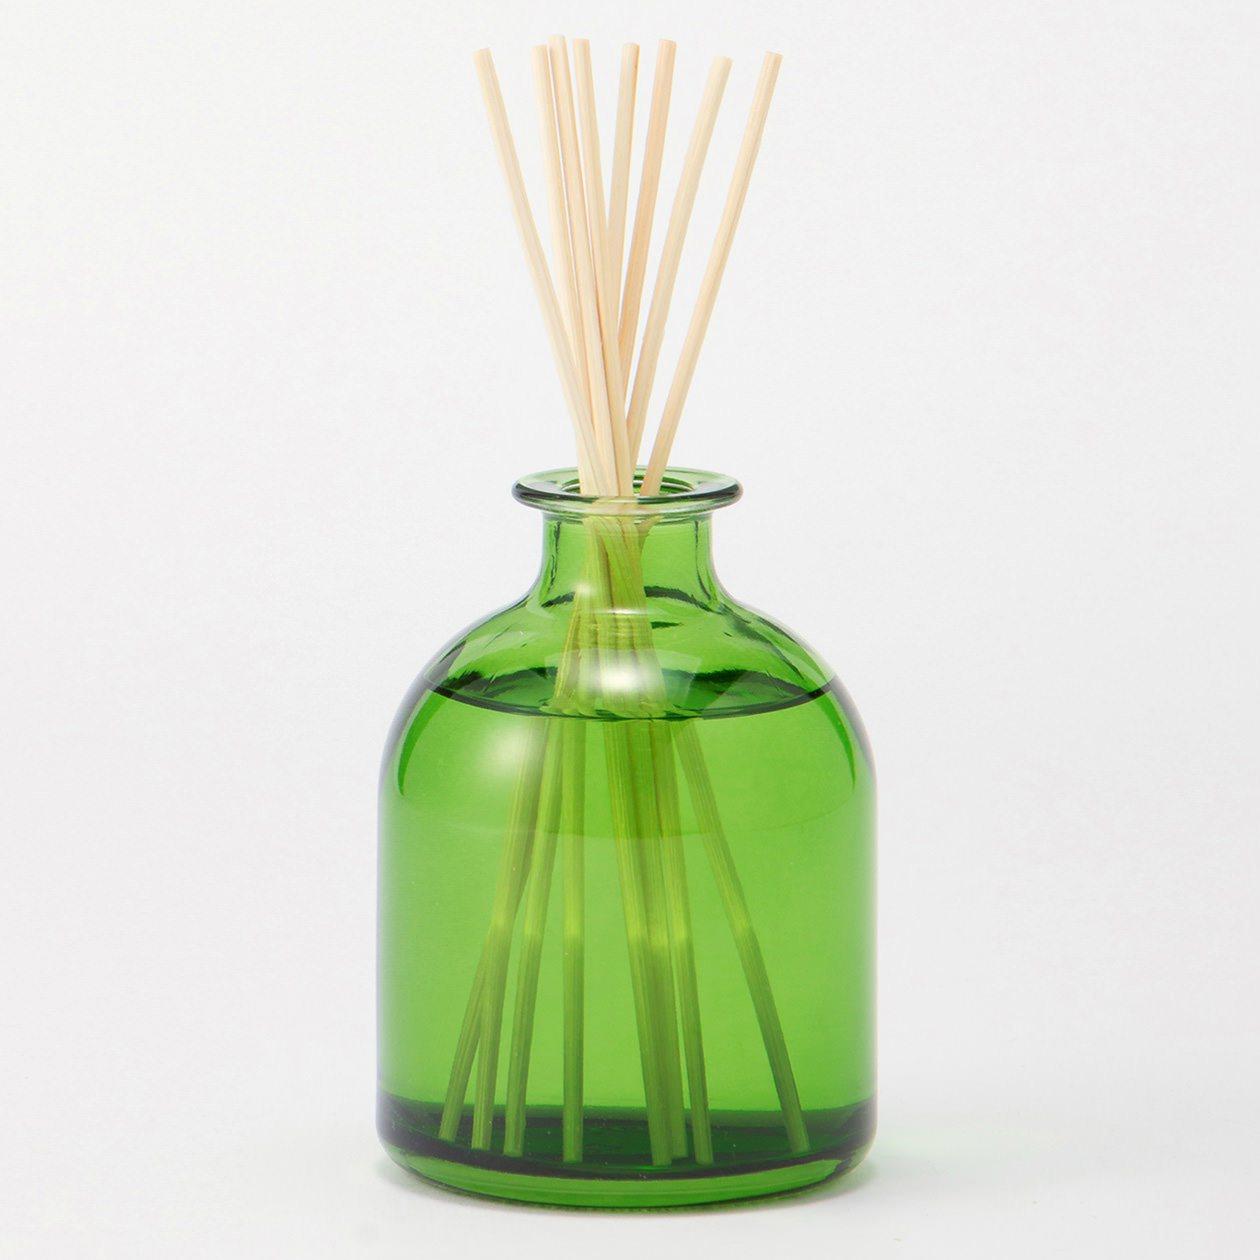 無印良品空間芬香油組250ml,售價從1,230元降至999元。圖/無印良品提供